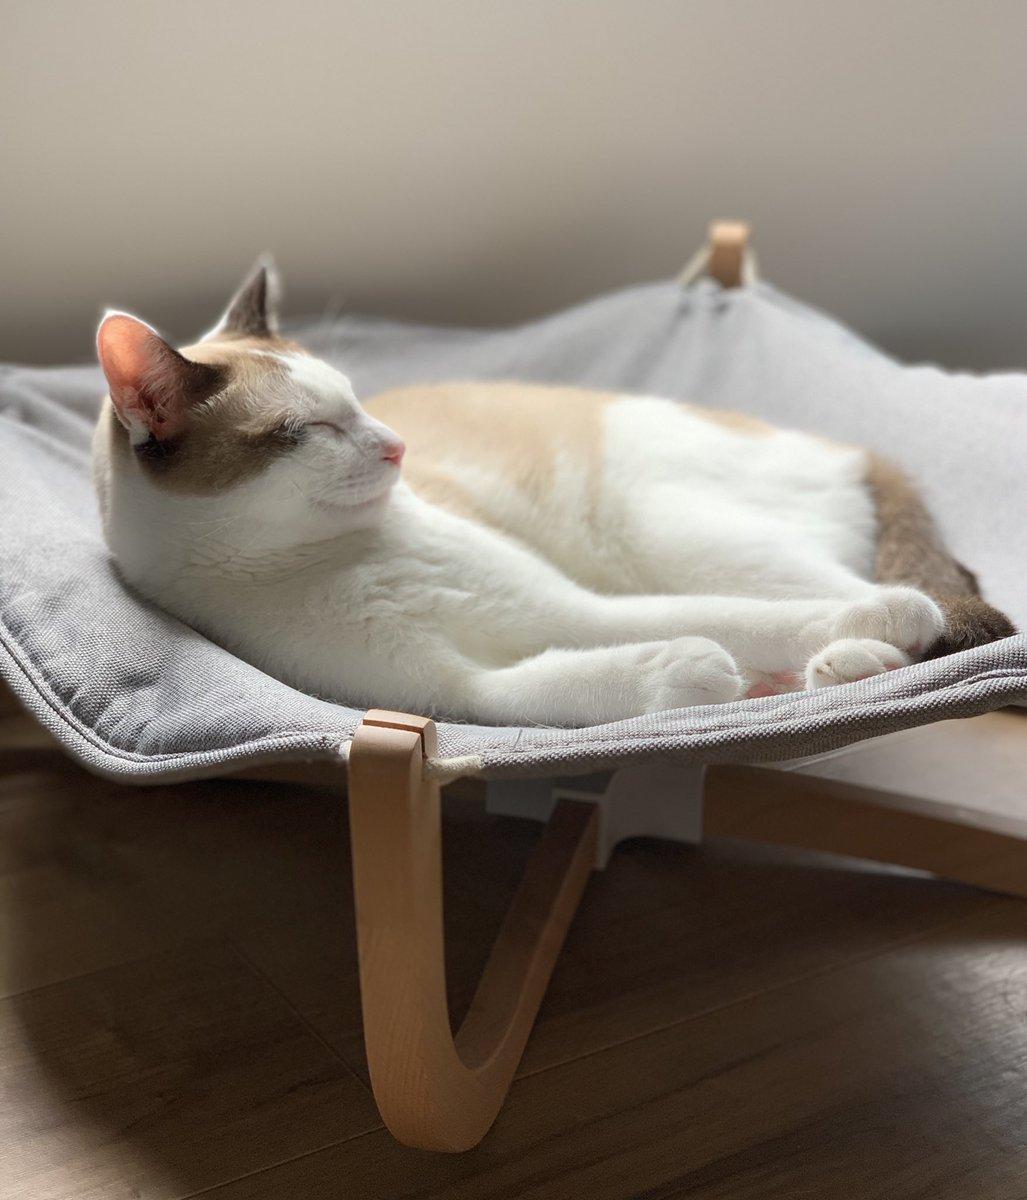 猫用に買ったものを正しく猫が使っていると、「勝訴」の紙を掲げて走り回りたい気持ちになる